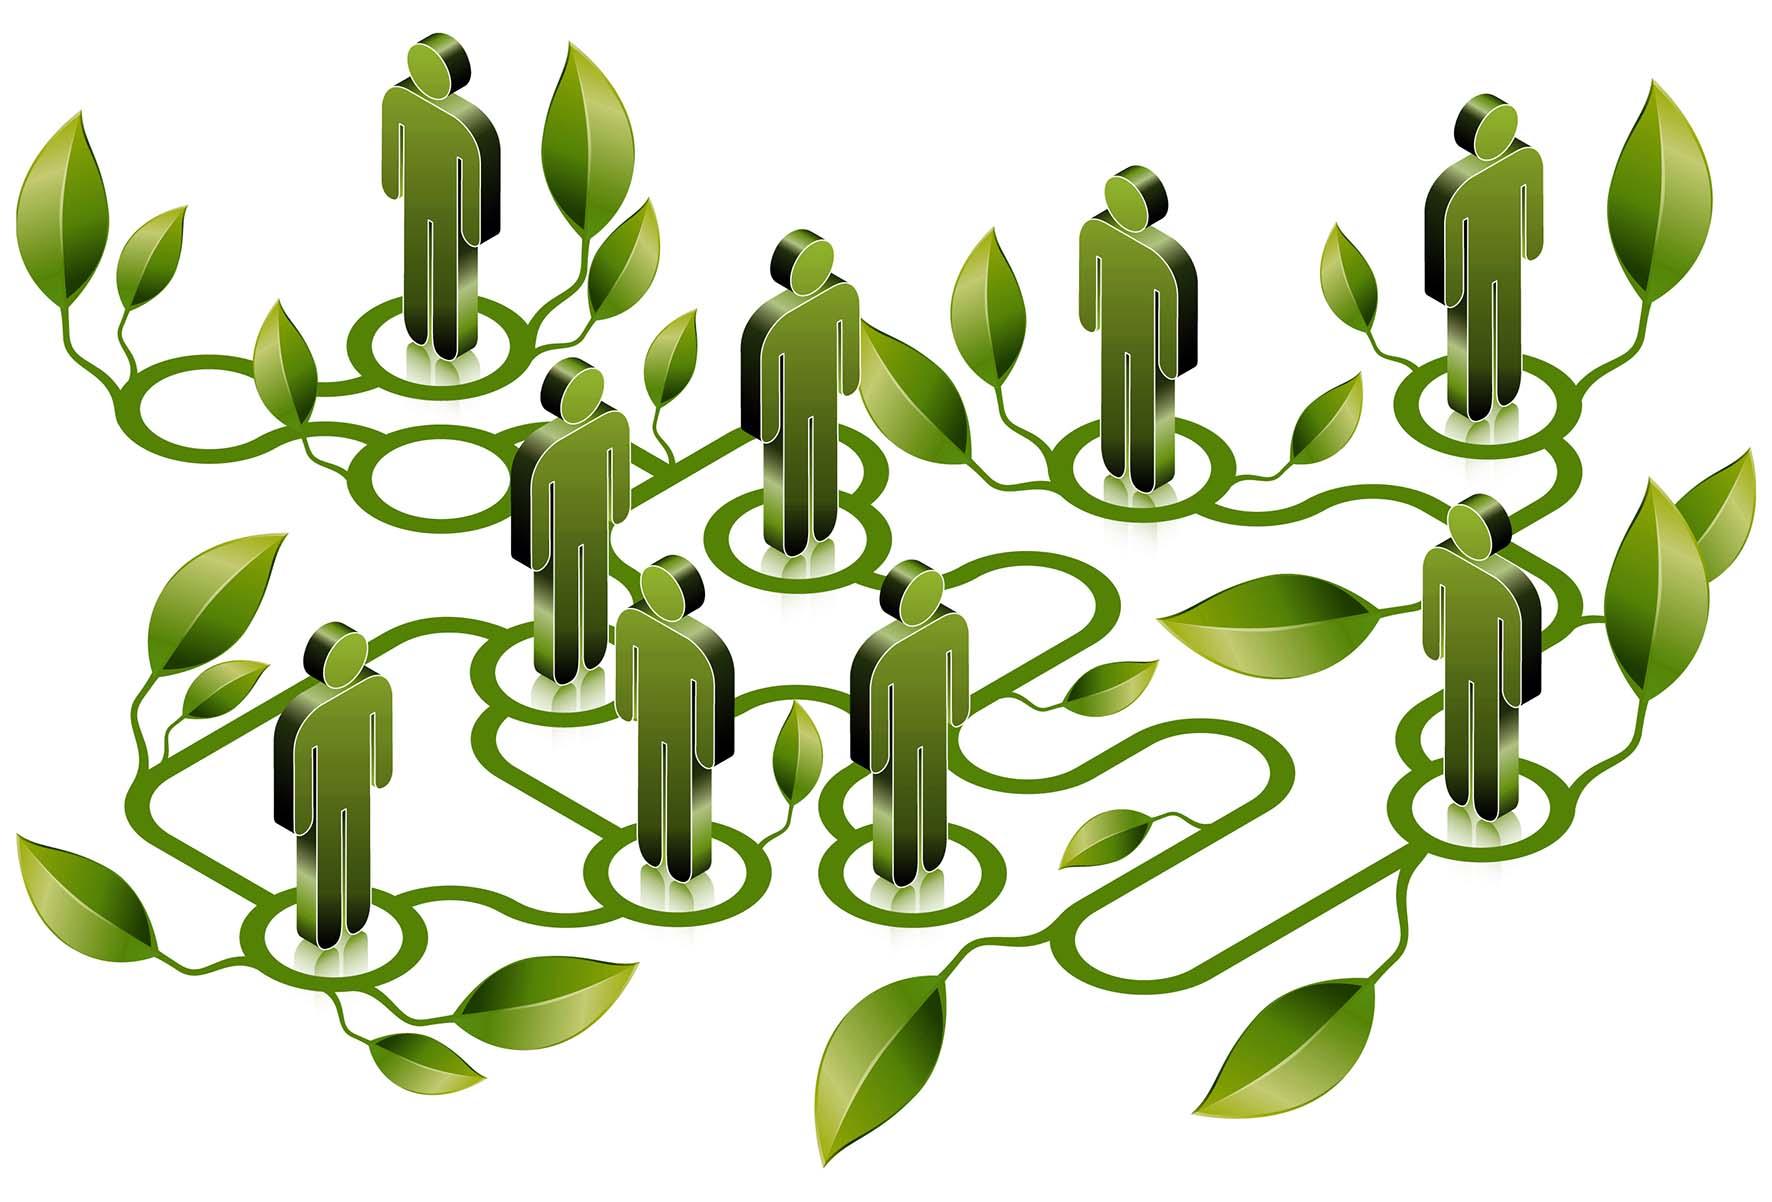 agricoltura contratti filiera agroalimentare